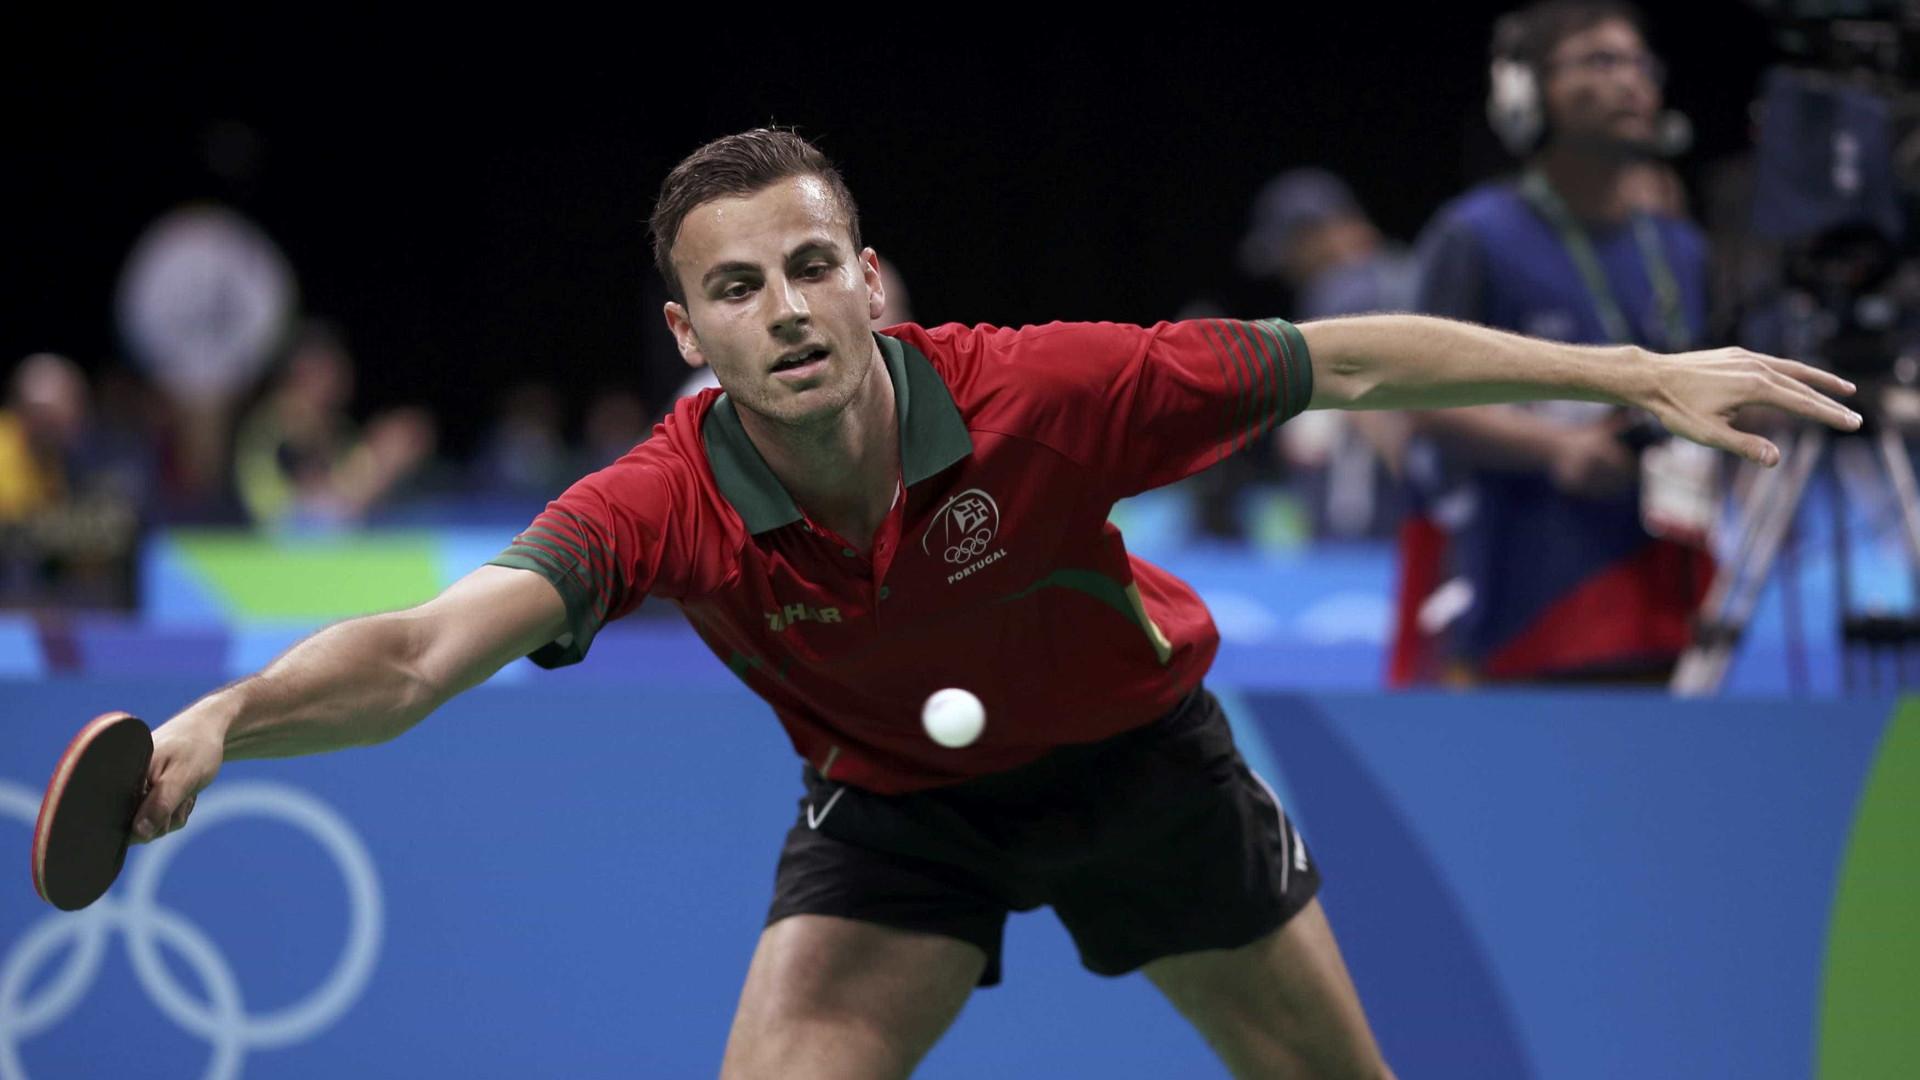 Portugal termina na setima posição — Europeu feminino